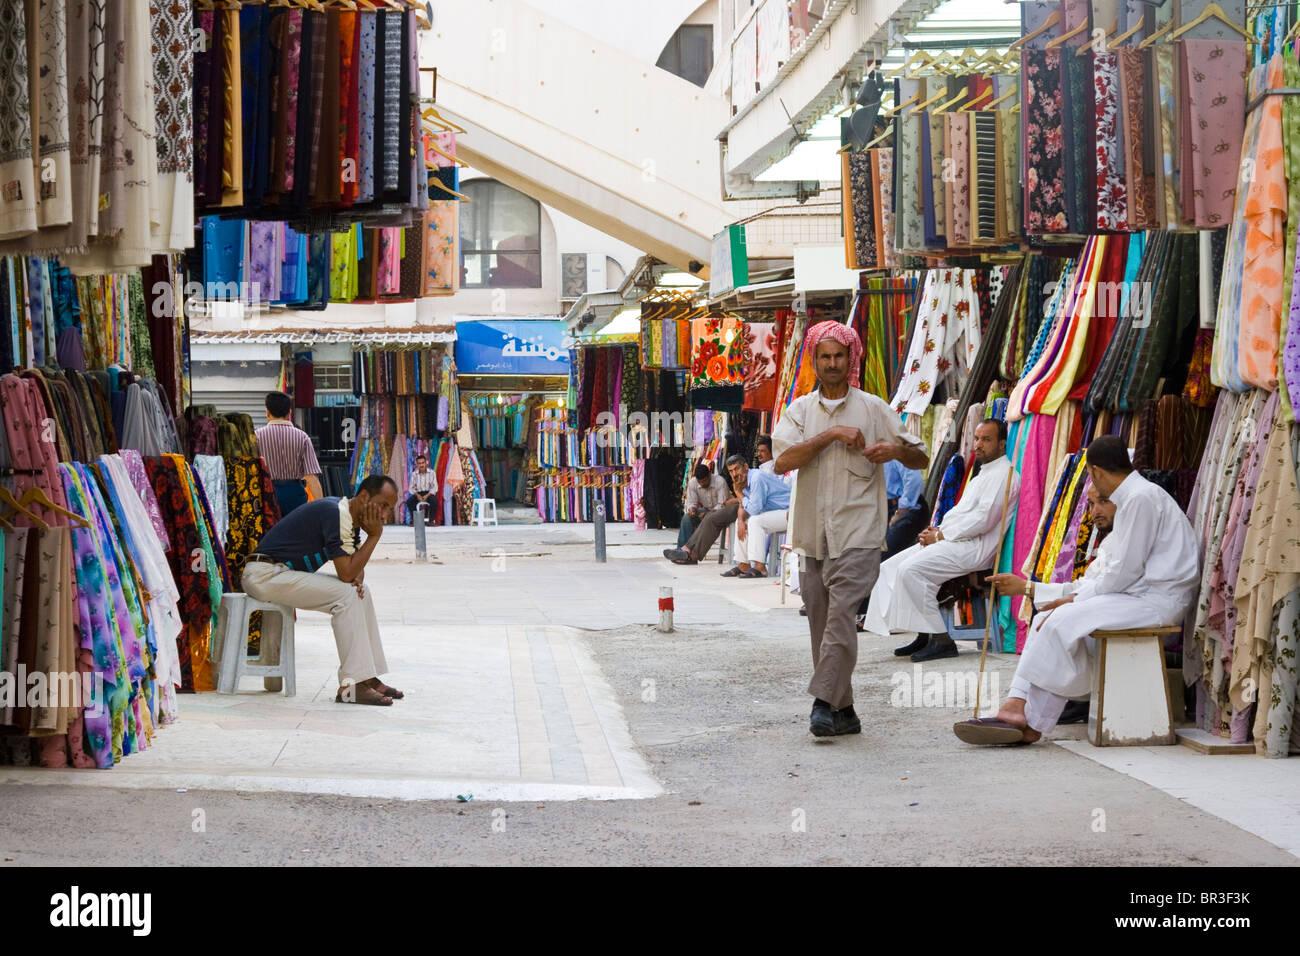 Kuwait City Market Stock Photos & Kuwait City Market Stock Images